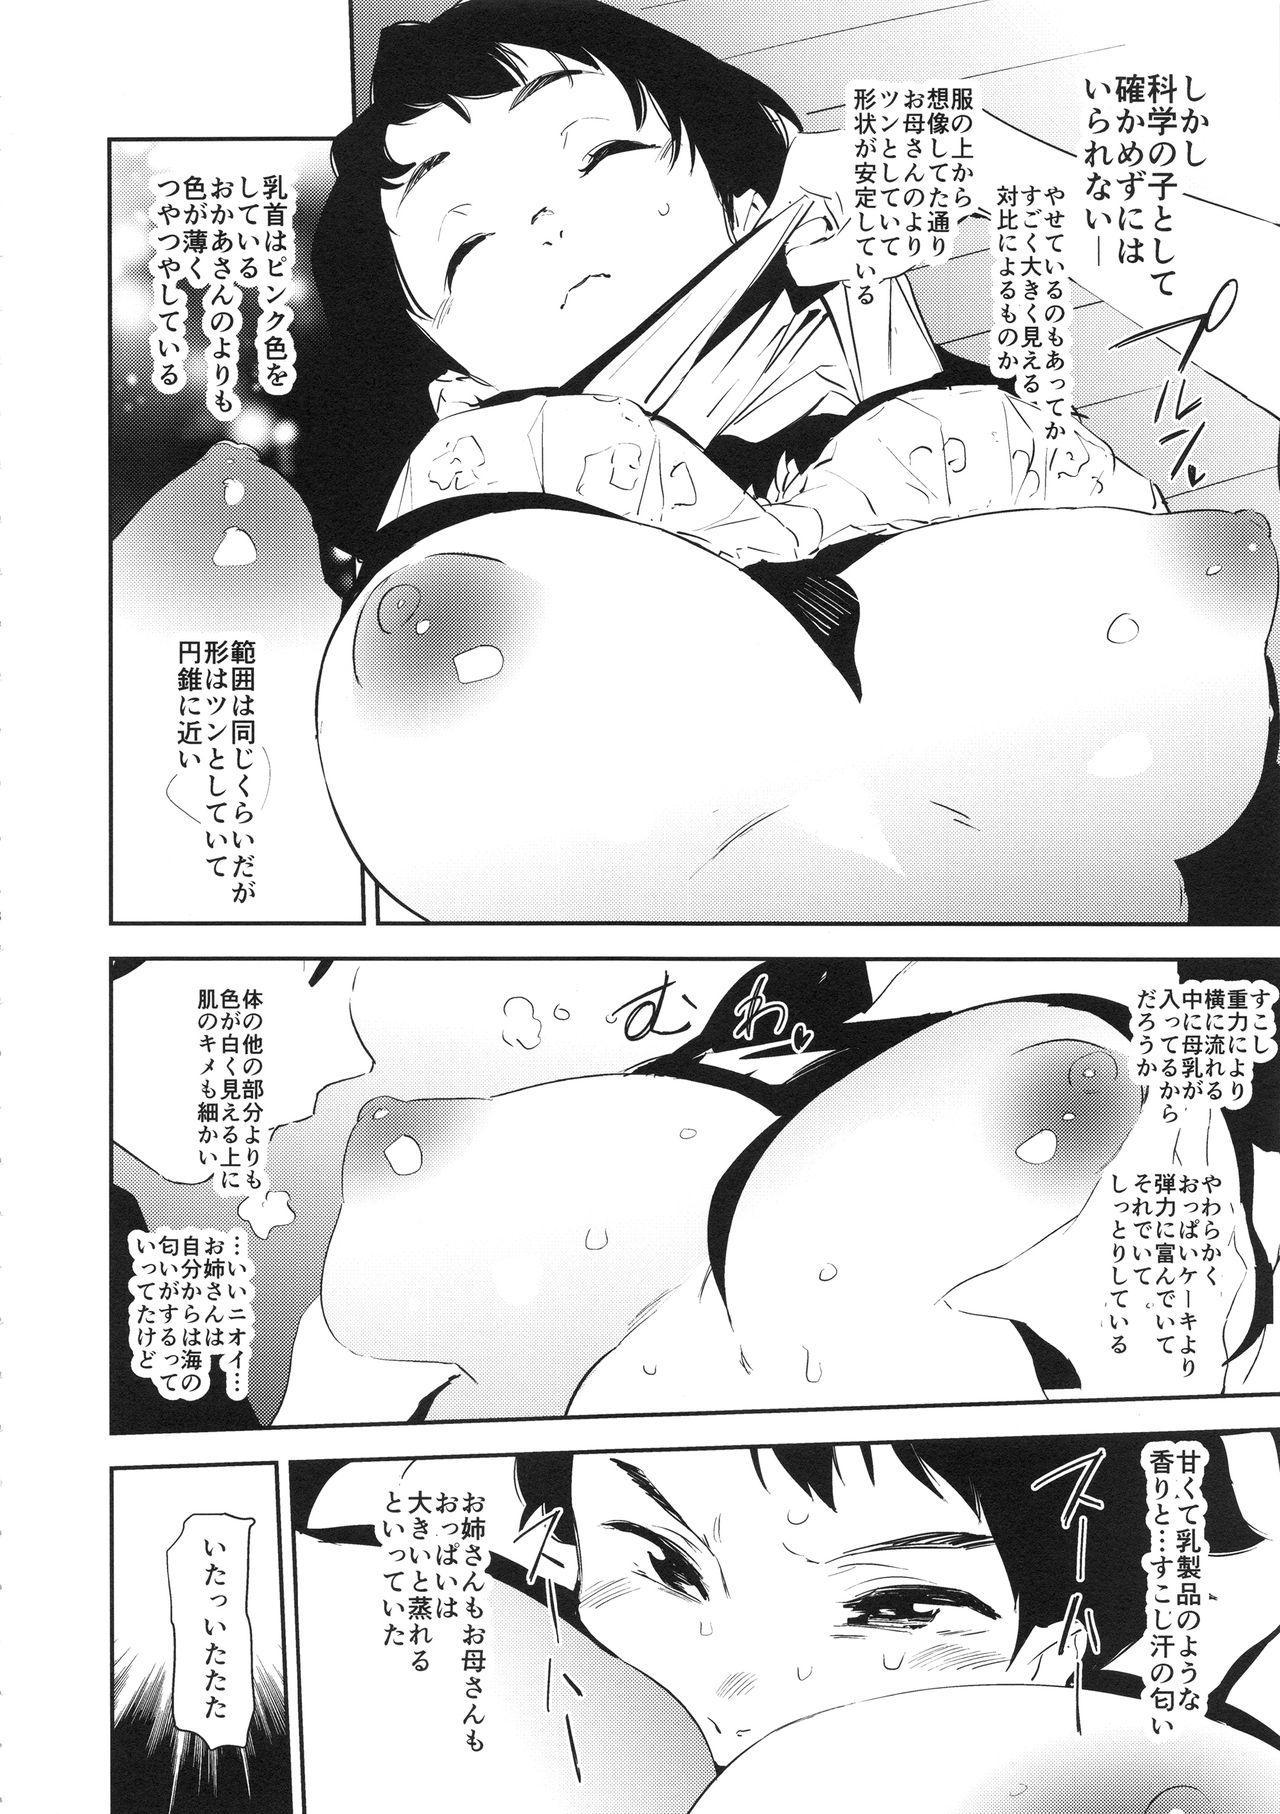 (COMIC1☆14) [Camrism (Kito Sakeru)] Oppai Highway - Onee-san no Kenkyuu (Penguin Highway) 8